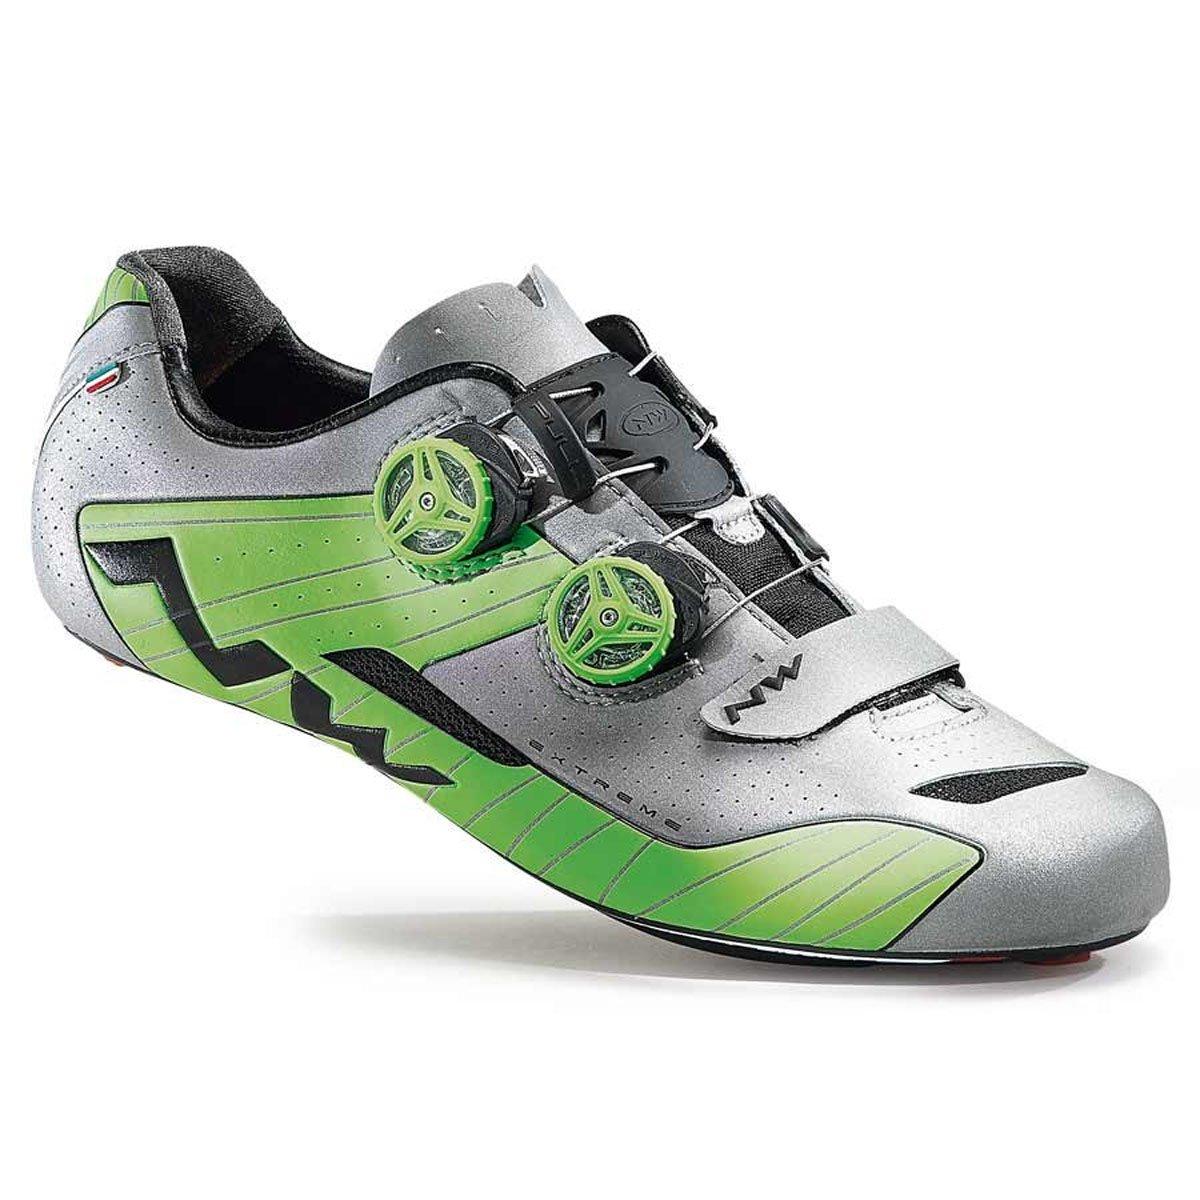 Northwave Extreme Road靴シルバー/ green- 44.5   B013FIQQCY